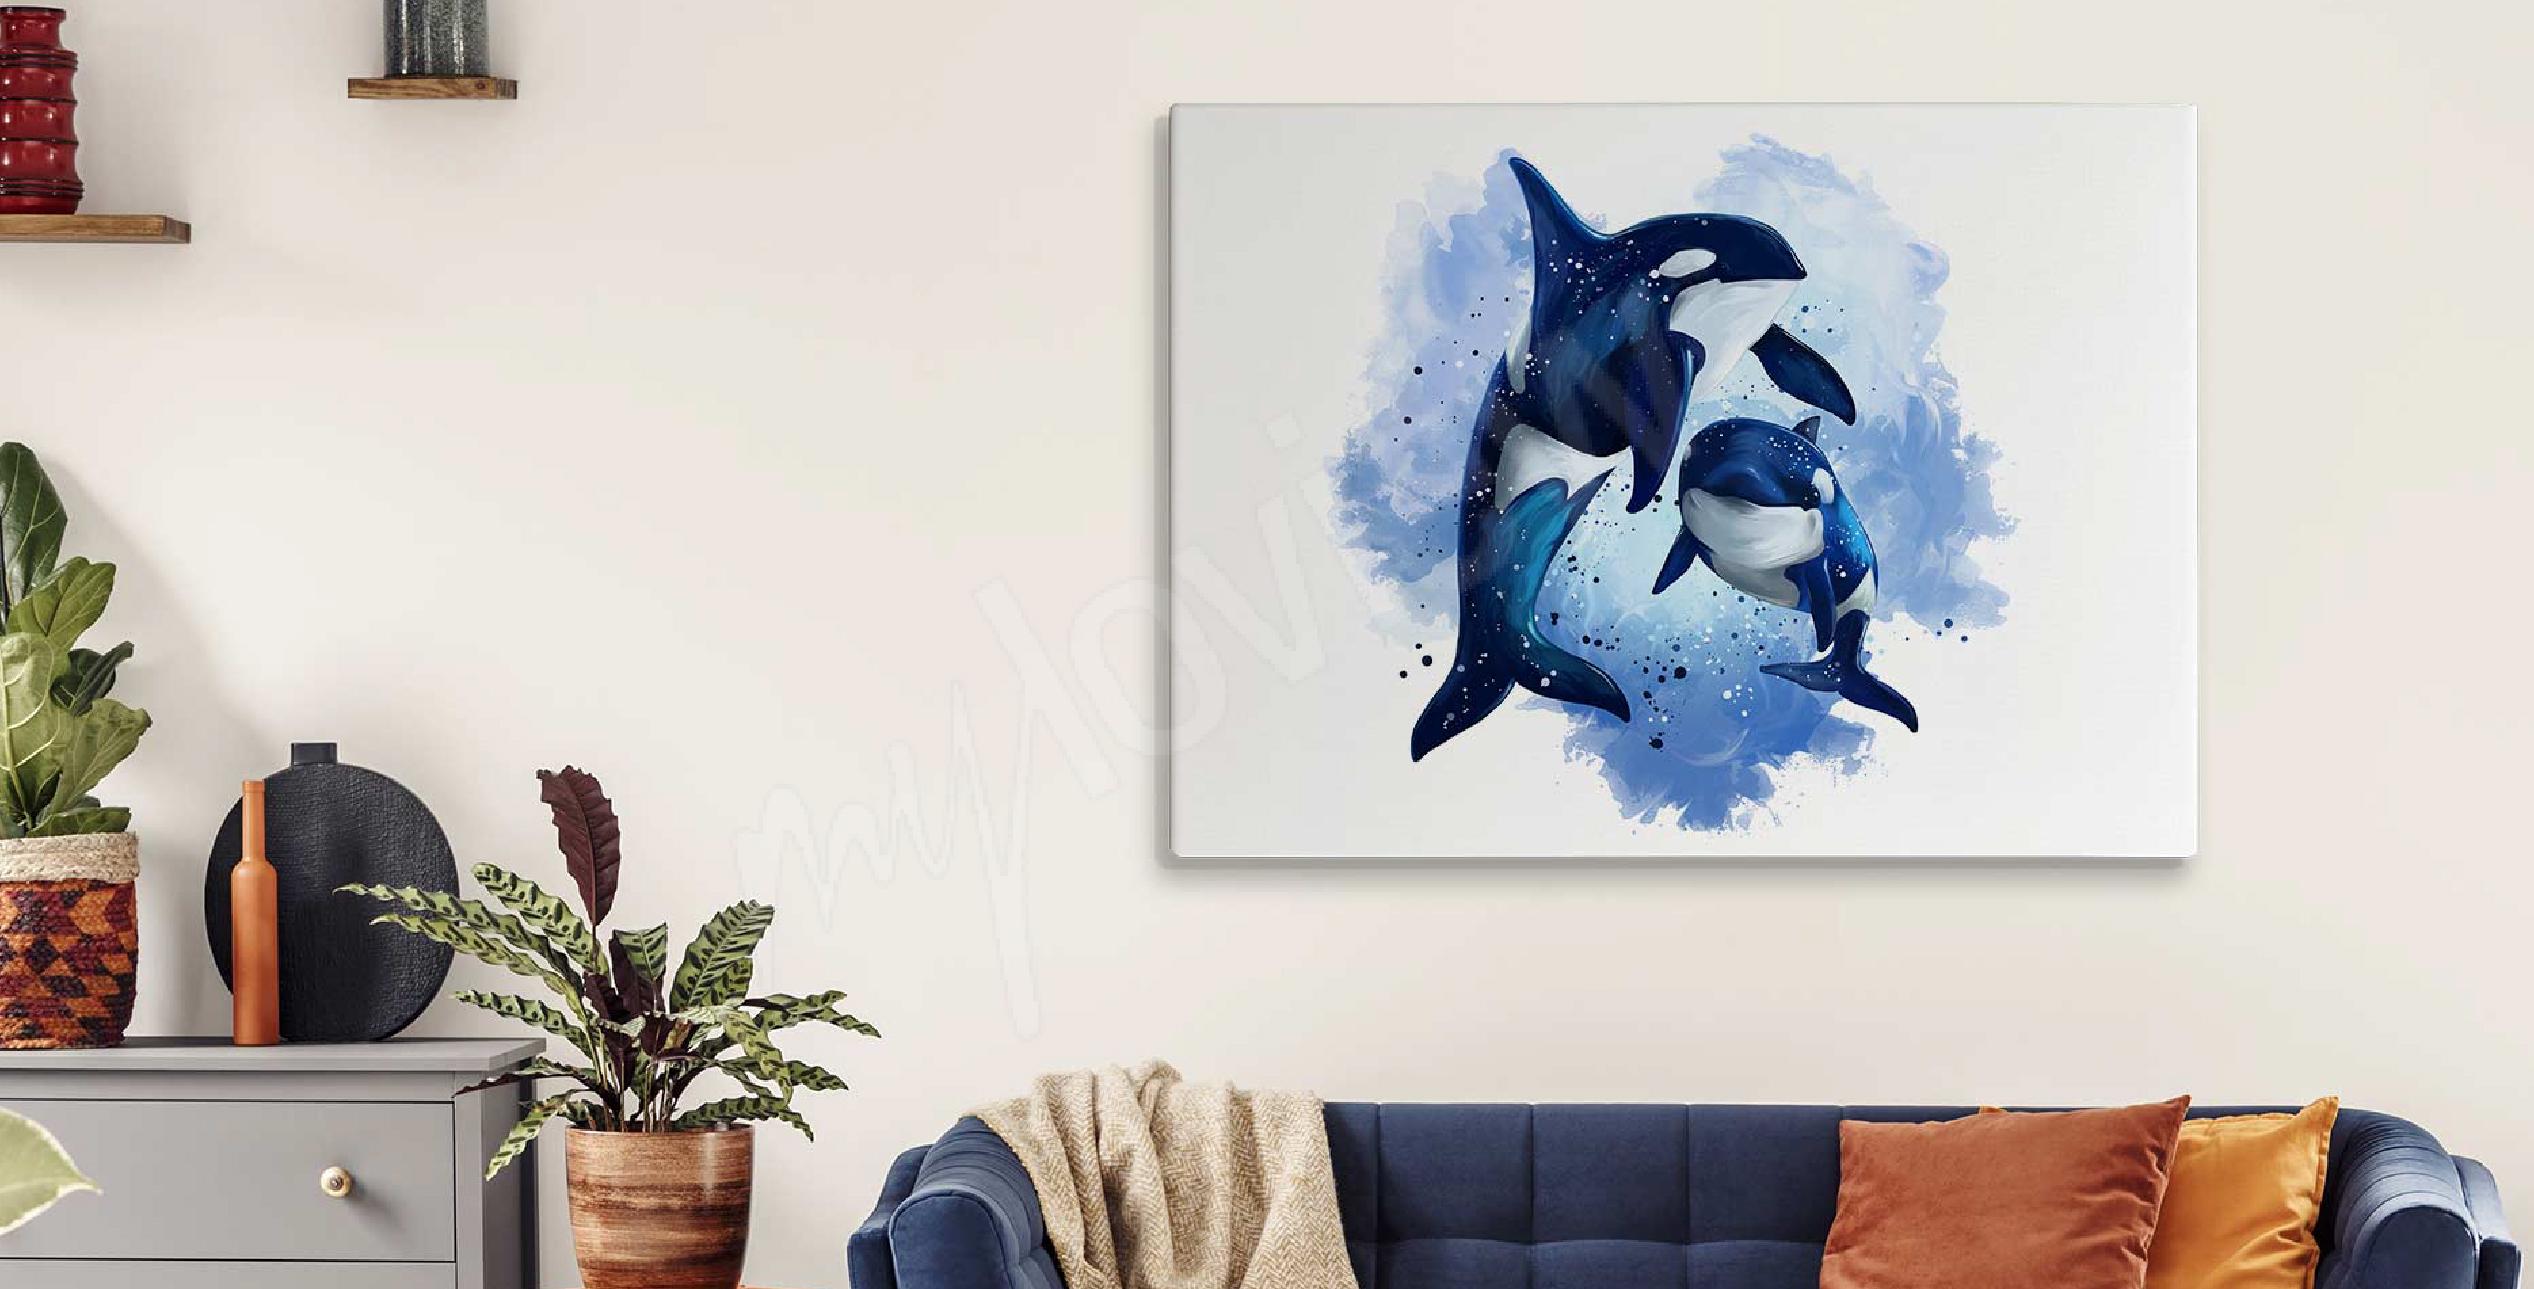 Bild Aquarell und Delfine